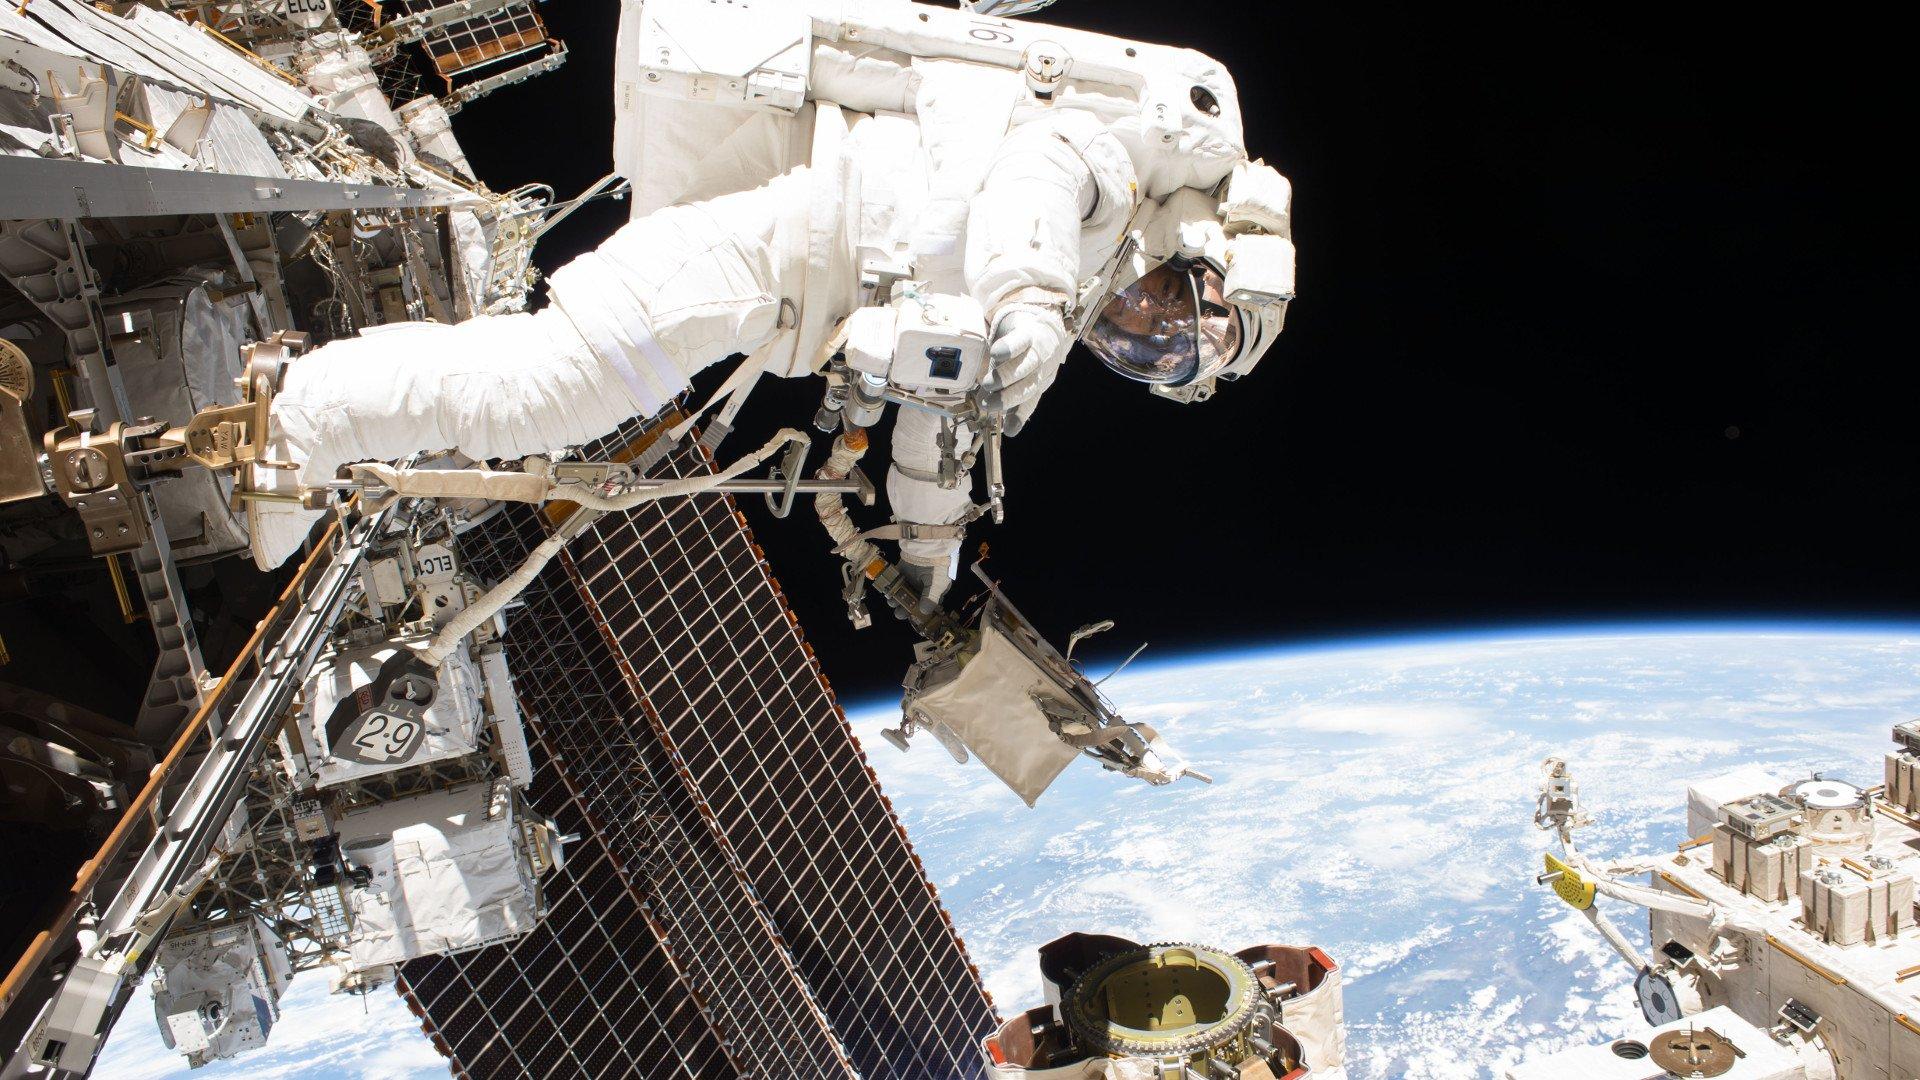 Tabletowo.pl MiniNauka #5: Po co nam Międzynarodowa Stacja Kosmiczna? Ciekawostki Cykle Felietony Nowości